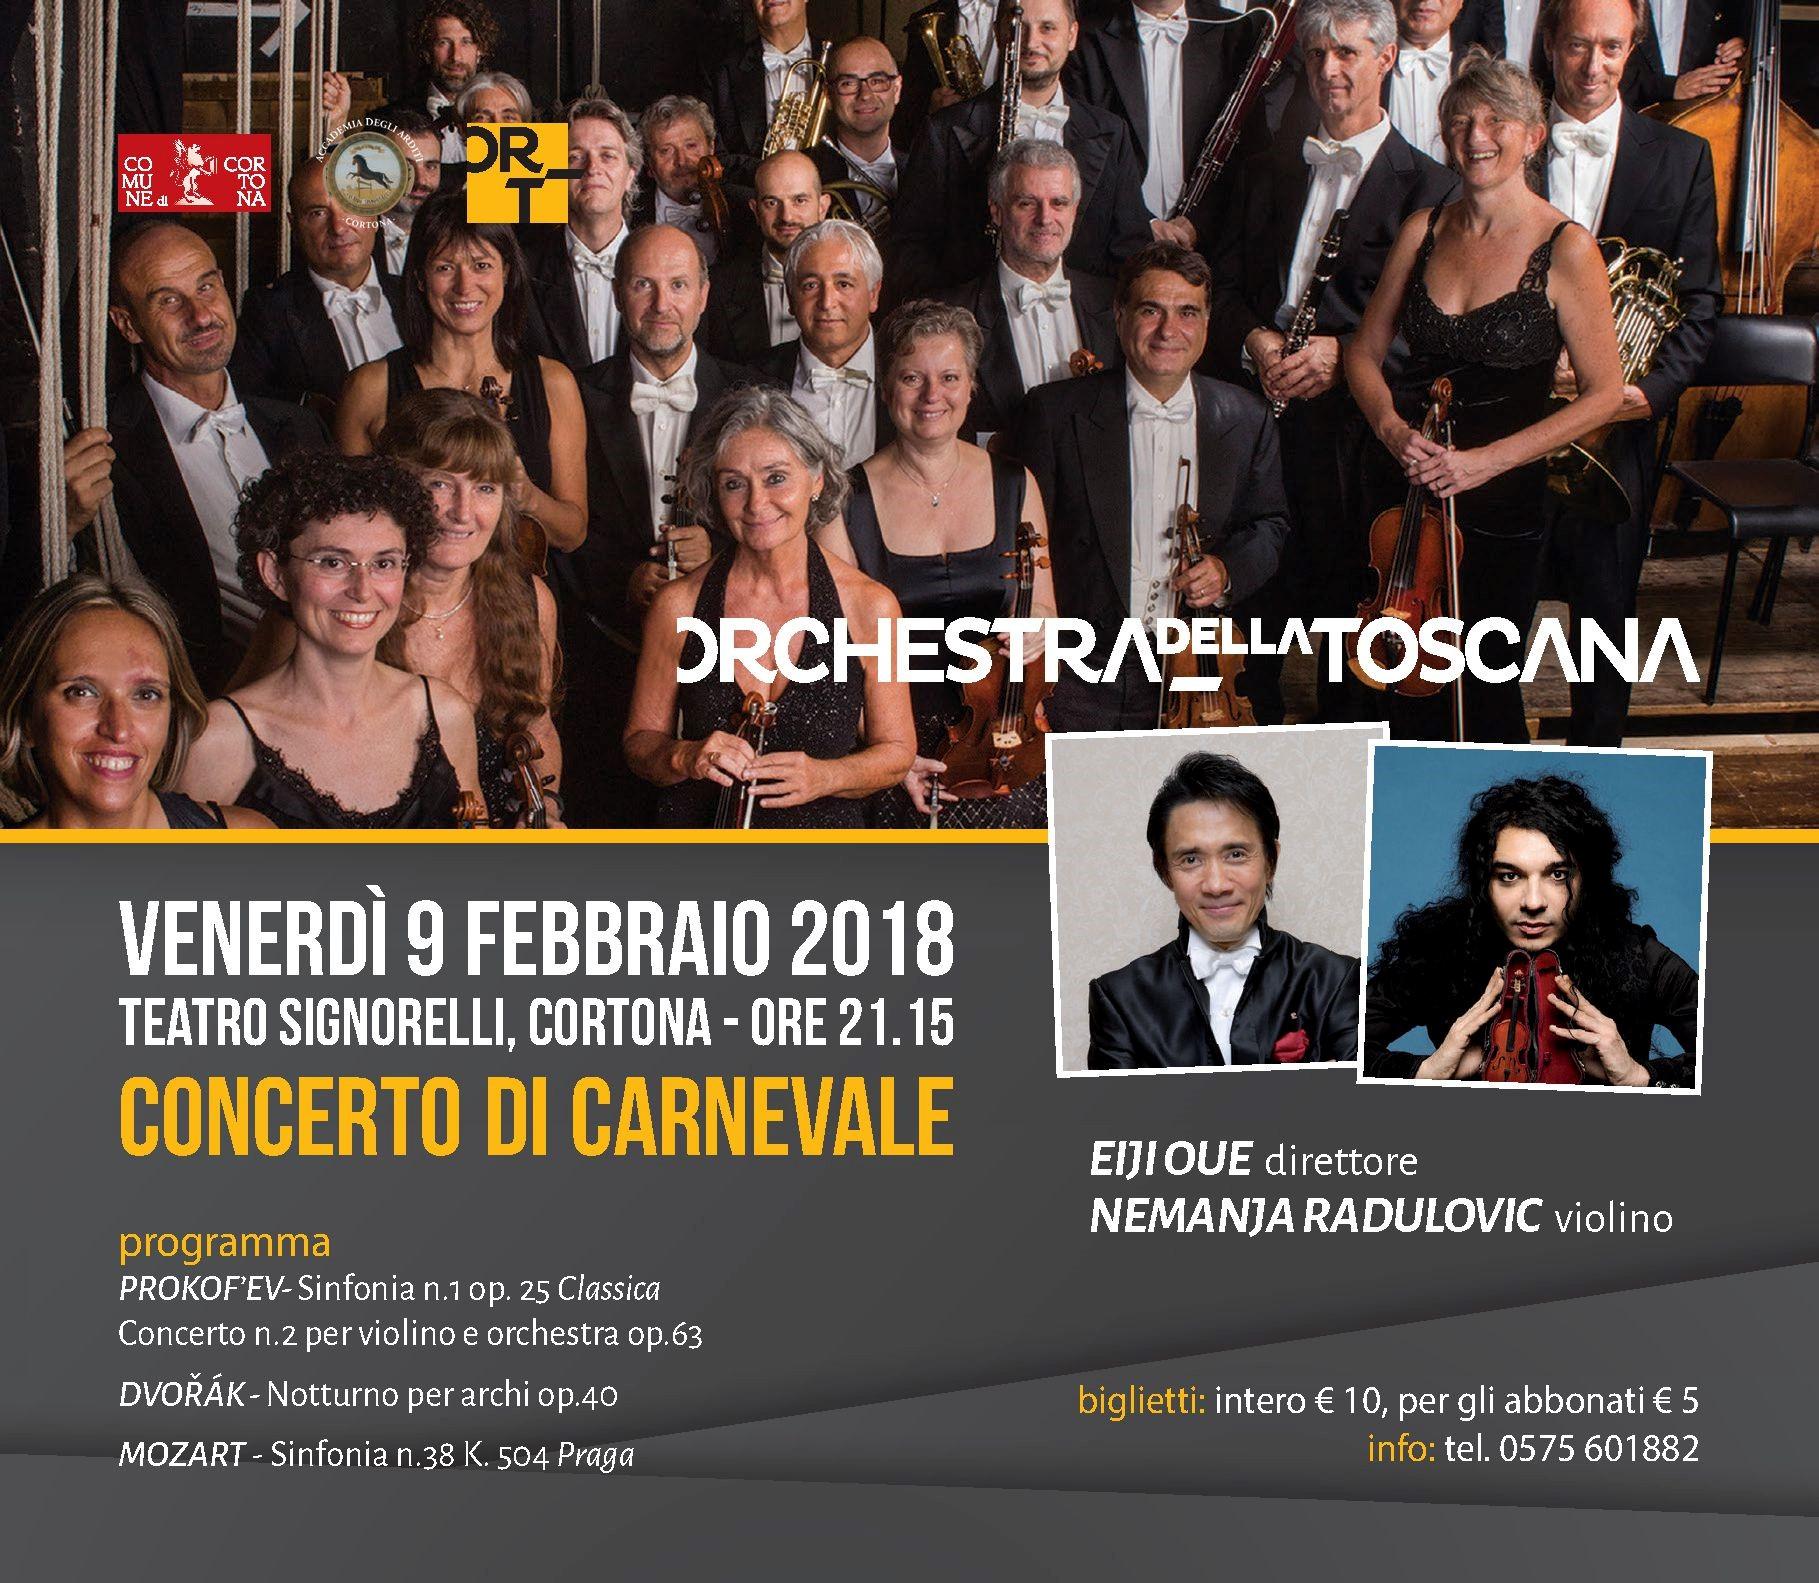 Concerto di Carnevale al Signorelli con l'Orchestra Regionale della Toscana